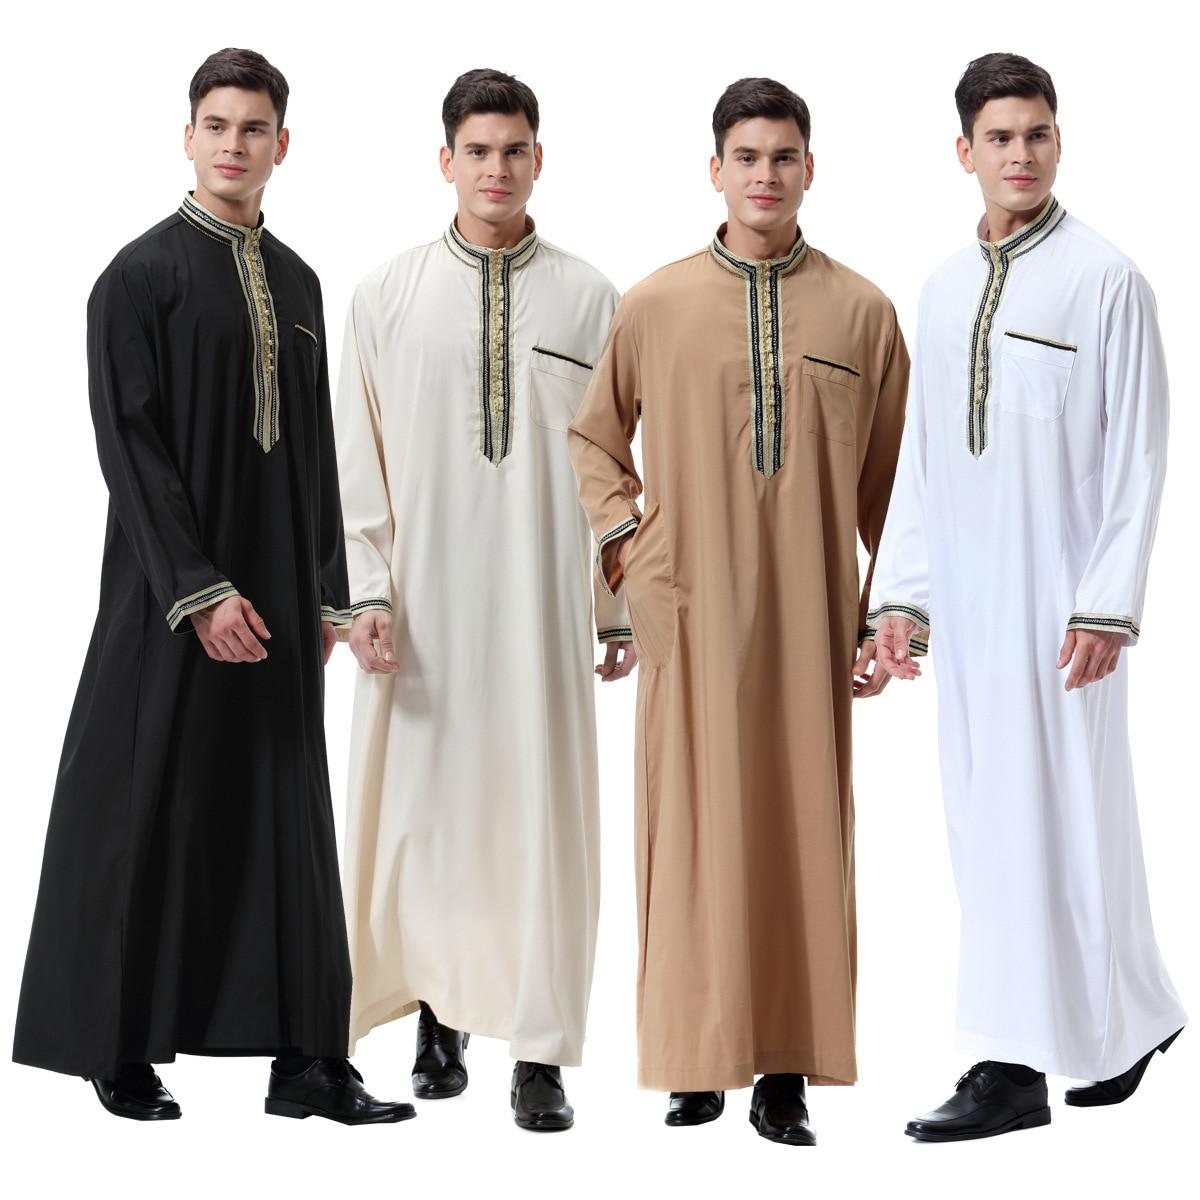 Mubarak Abaya Dubai Turkey Muslim fashion Hijab Dress Kaftan Caftan Marocain Islam Dresses For Men  ropa de hombre